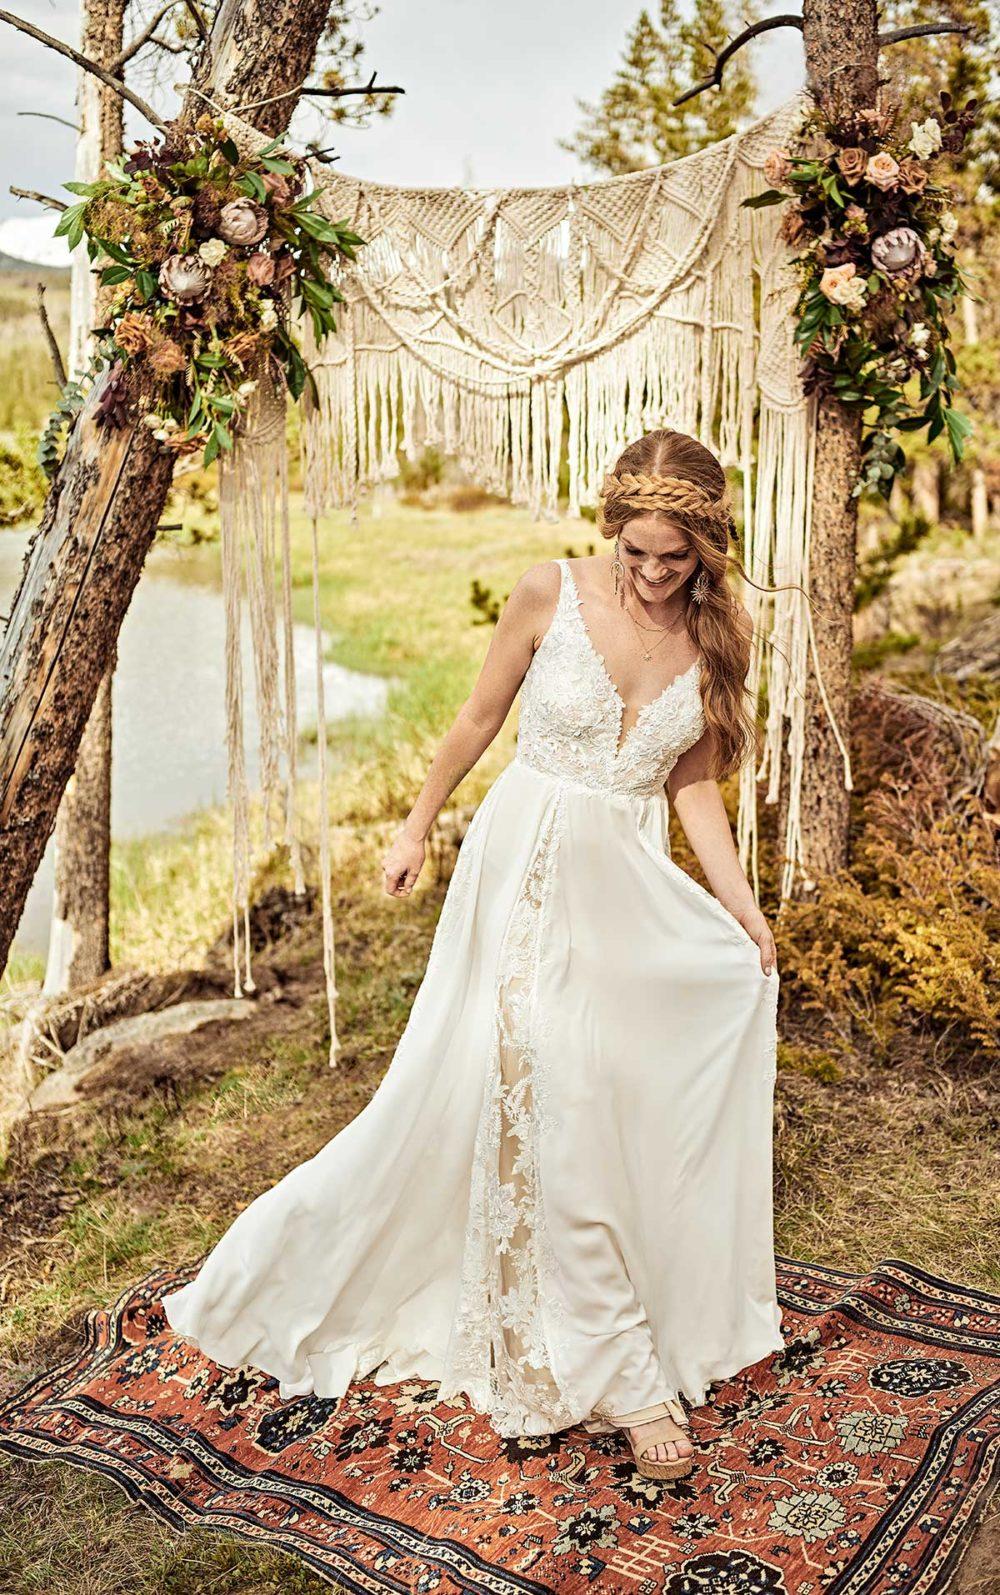 Emily-Bridalwear-Skye-All-who-wander